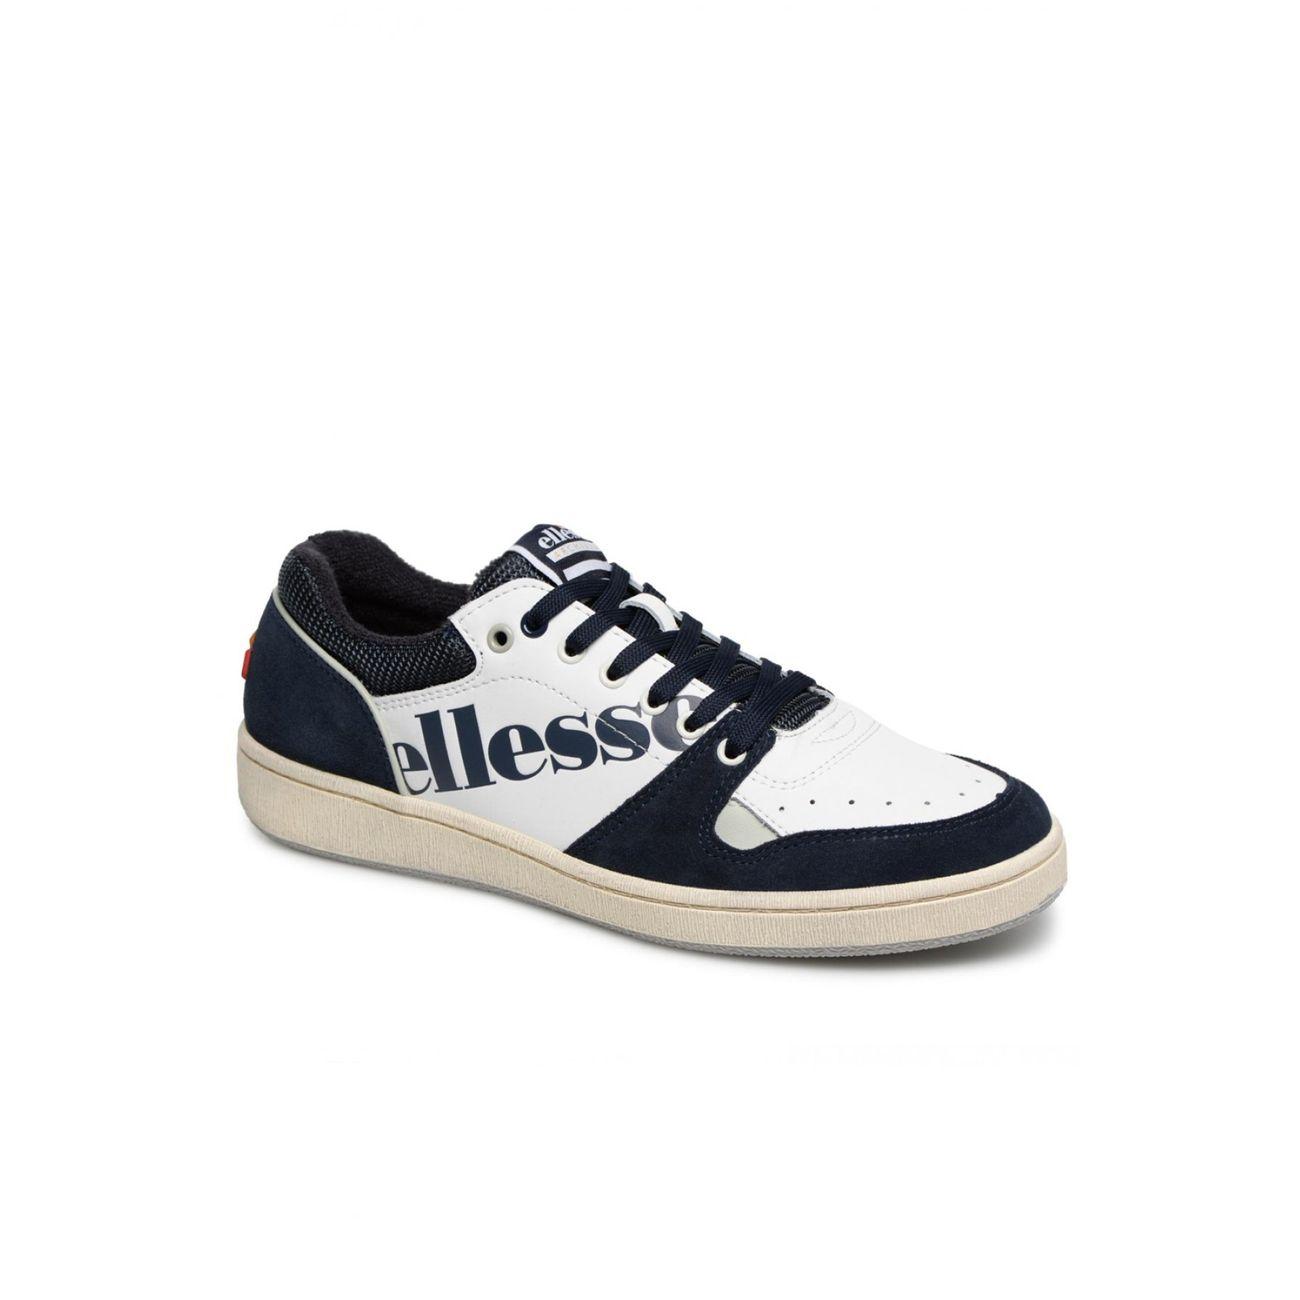 femme ELLESSE Sneakers cuir bicolores  -  Ellesse - Femme